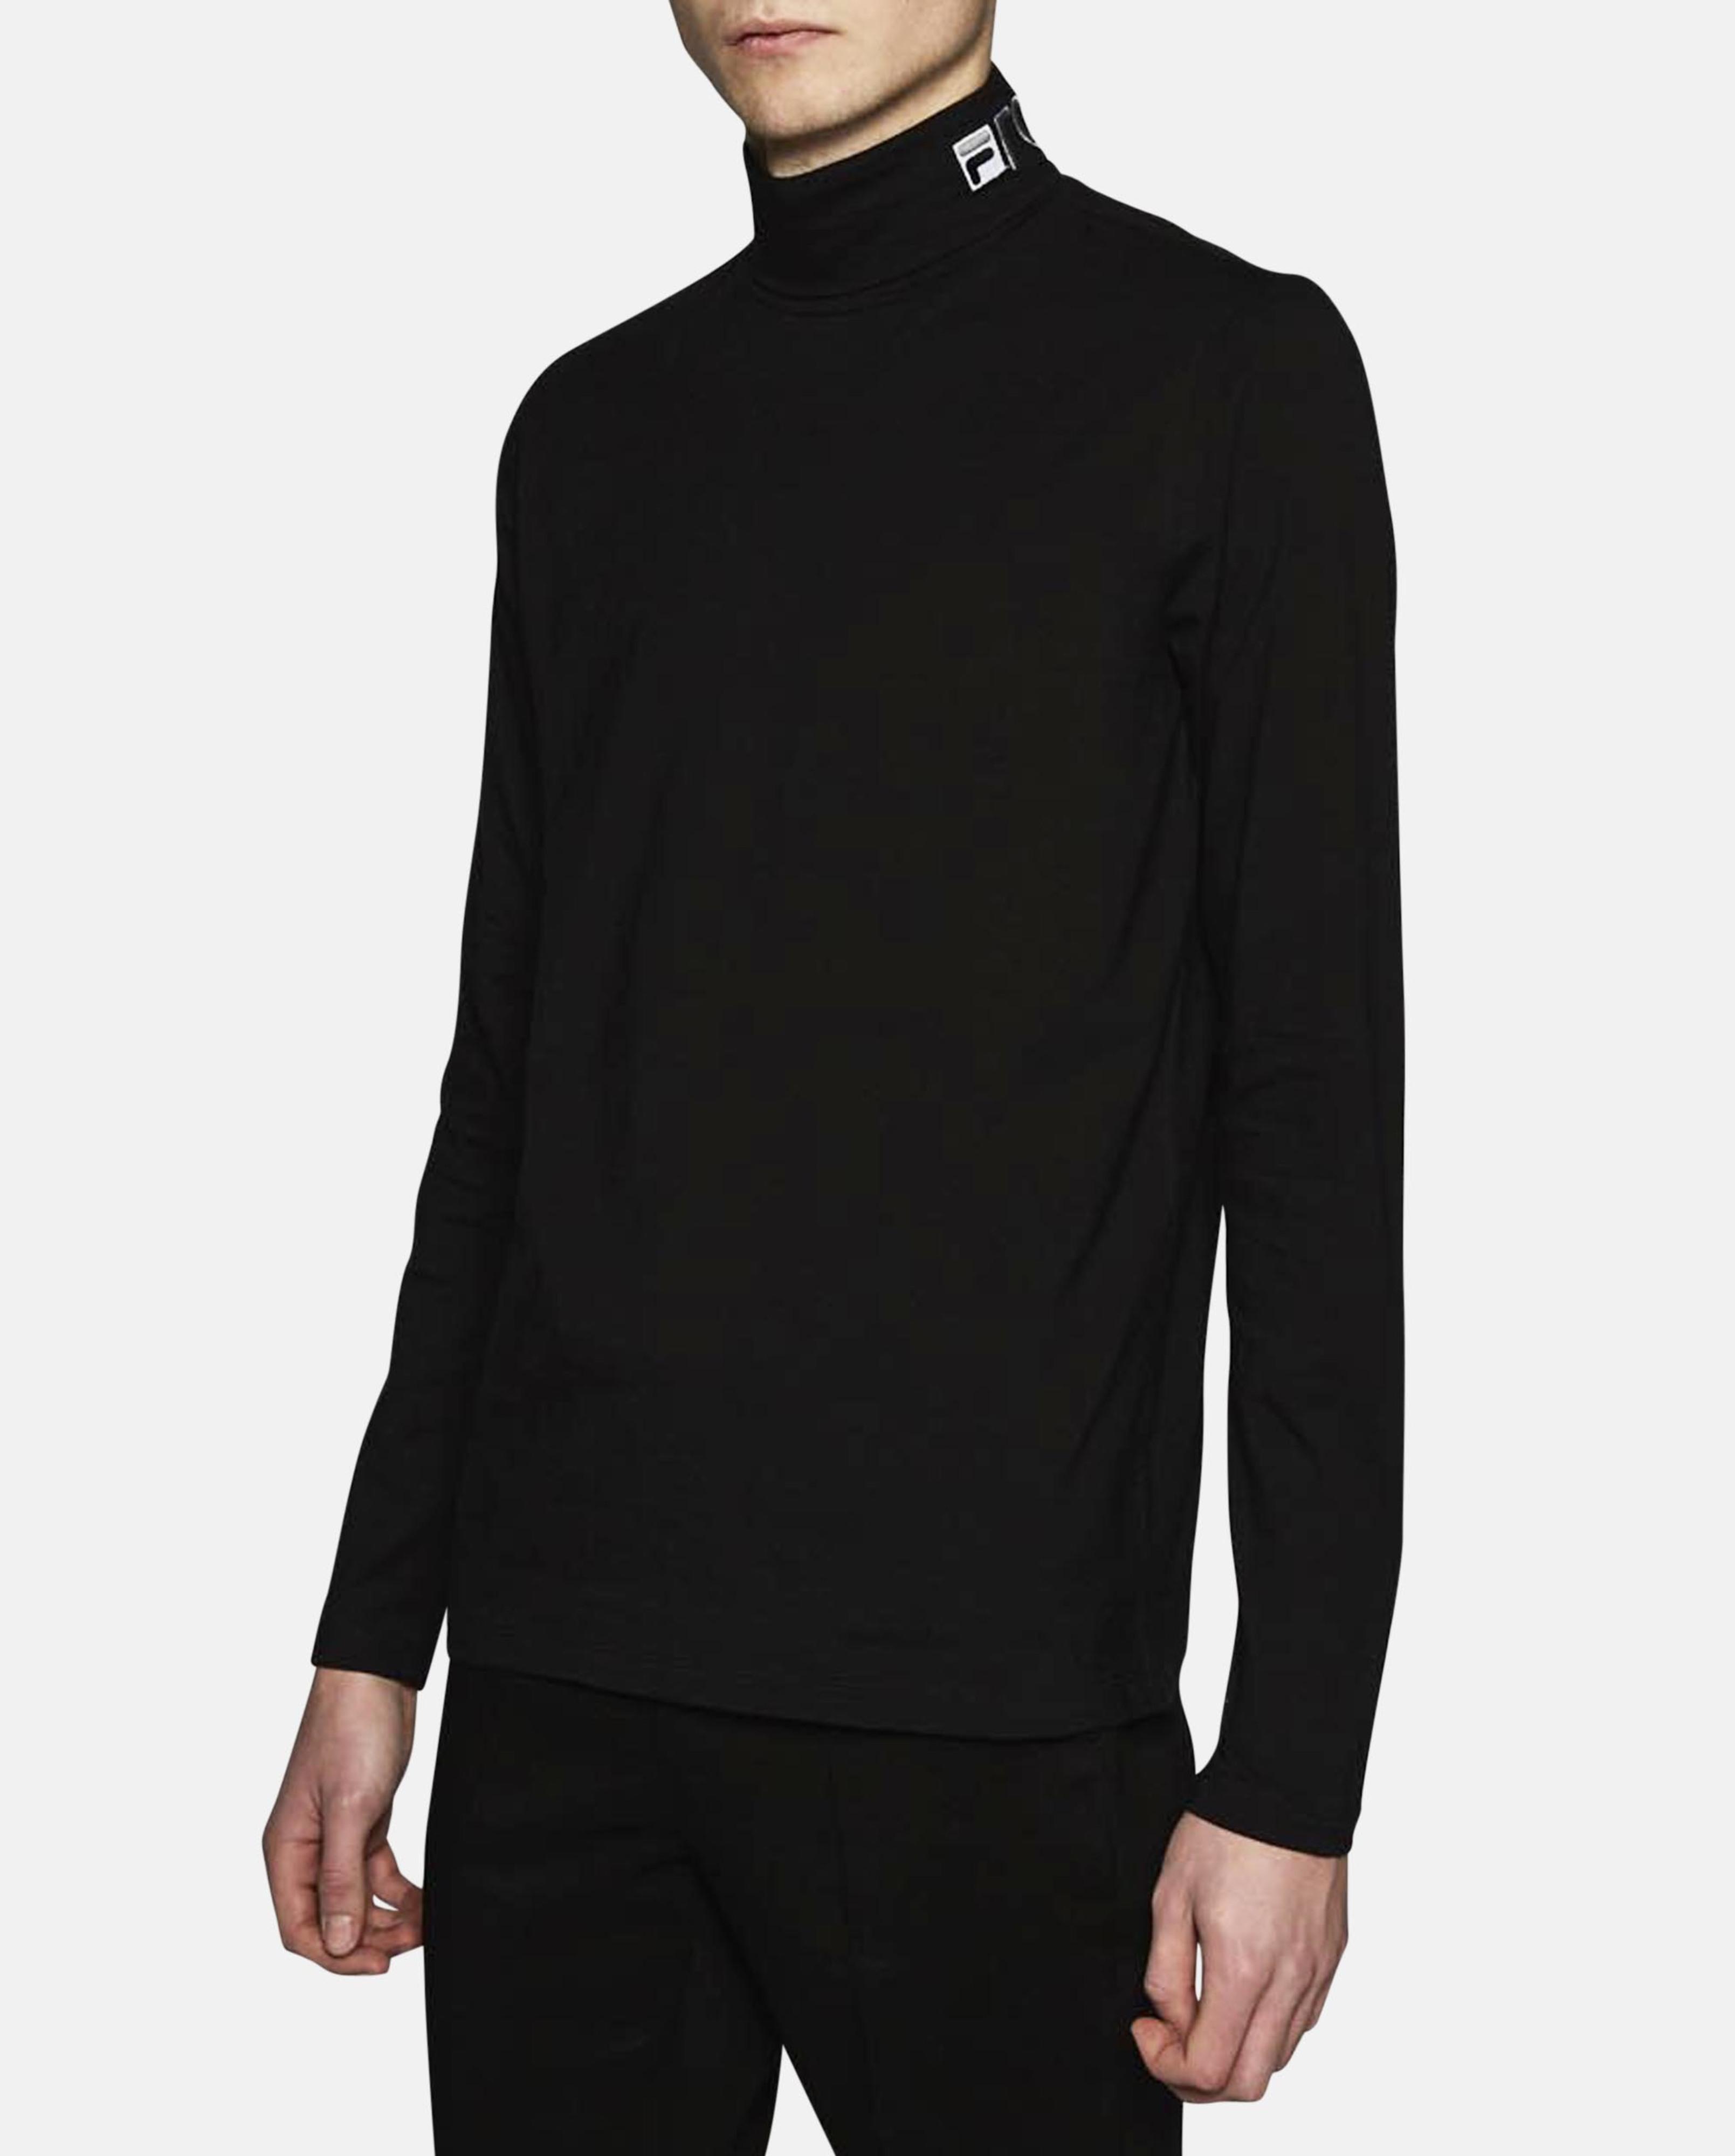 Gosha Rubchinskiy Fila Roll Neck T Shirt In Black For Men